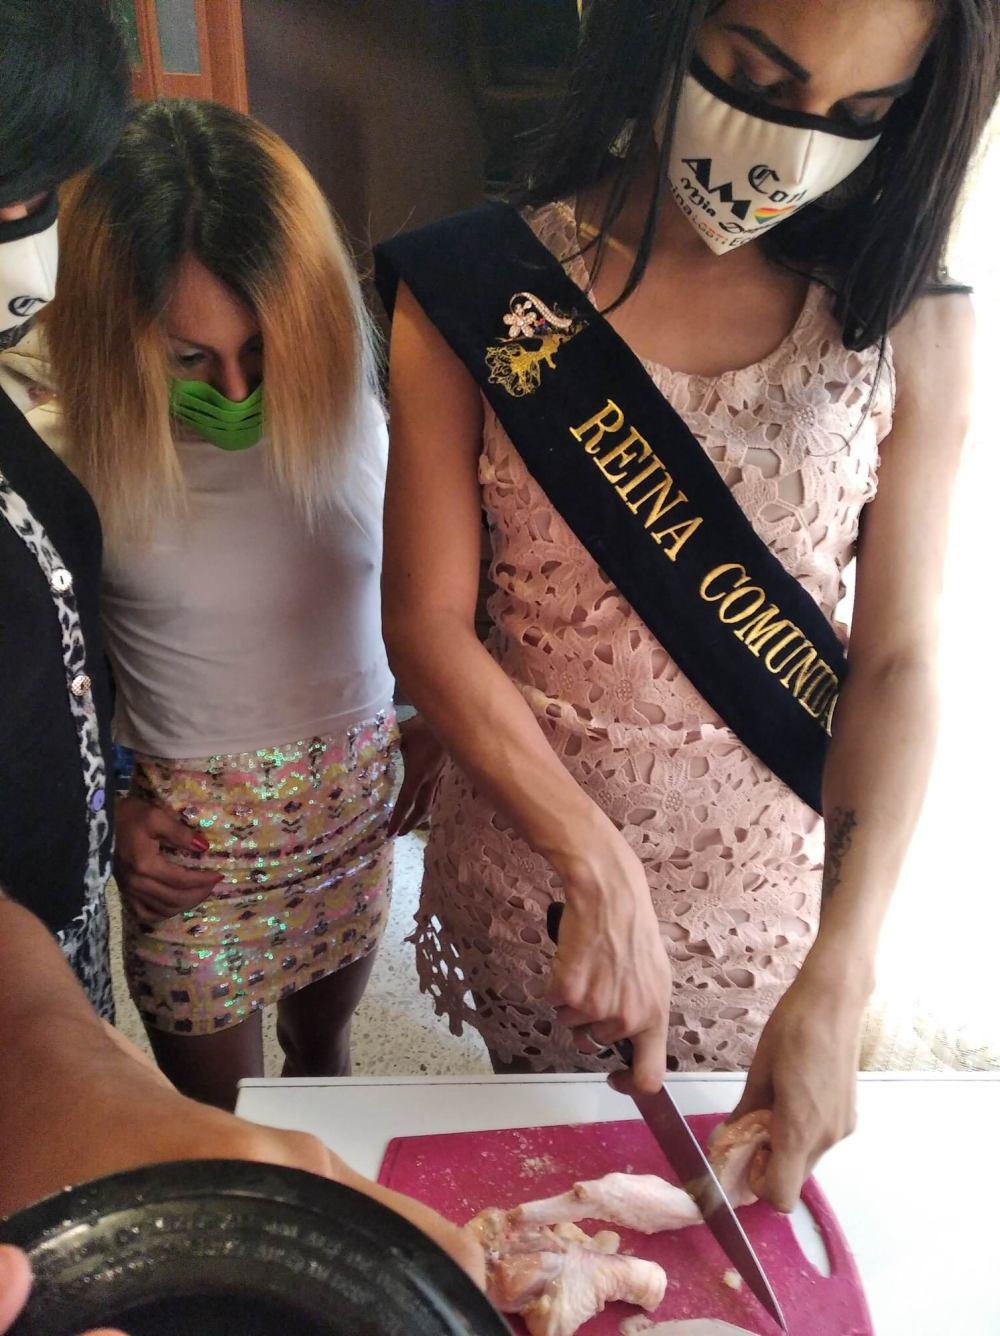 Inauguración del Primer Comedor Comunitario Trans en Guayaquil - Ecuador iniciativa de la Asociación Silueta X (1)